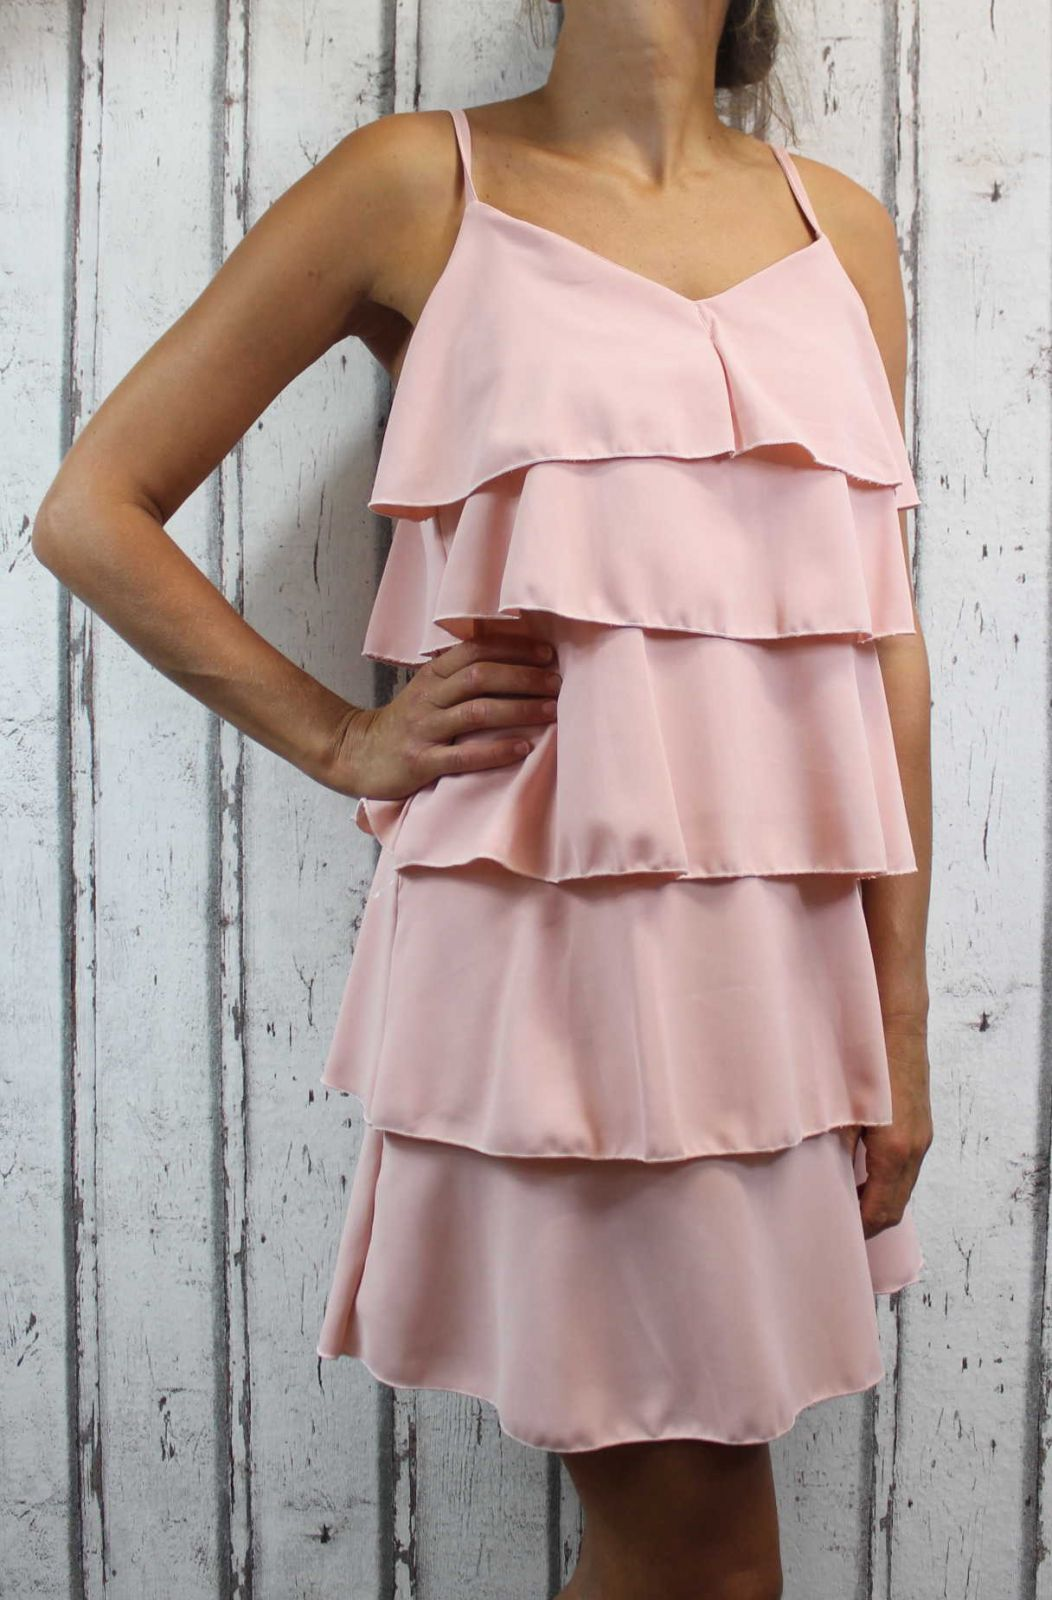 Dámské letní šaty, elegantní šaty, pohodlné šaty, starorůžové elegantní šaty, růžové koktejlové šaty, šaty s volány, šaty na ramínka Italy Moda